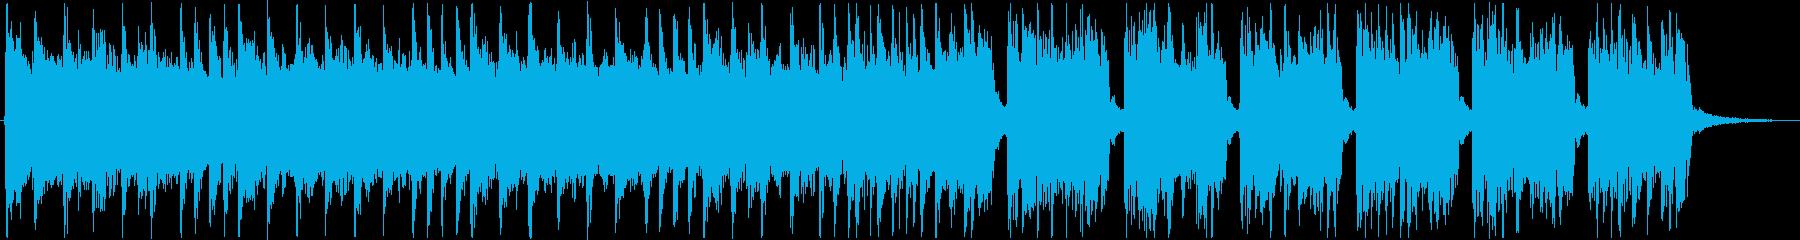 テクノポップの速さを感じる曲の再生済みの波形